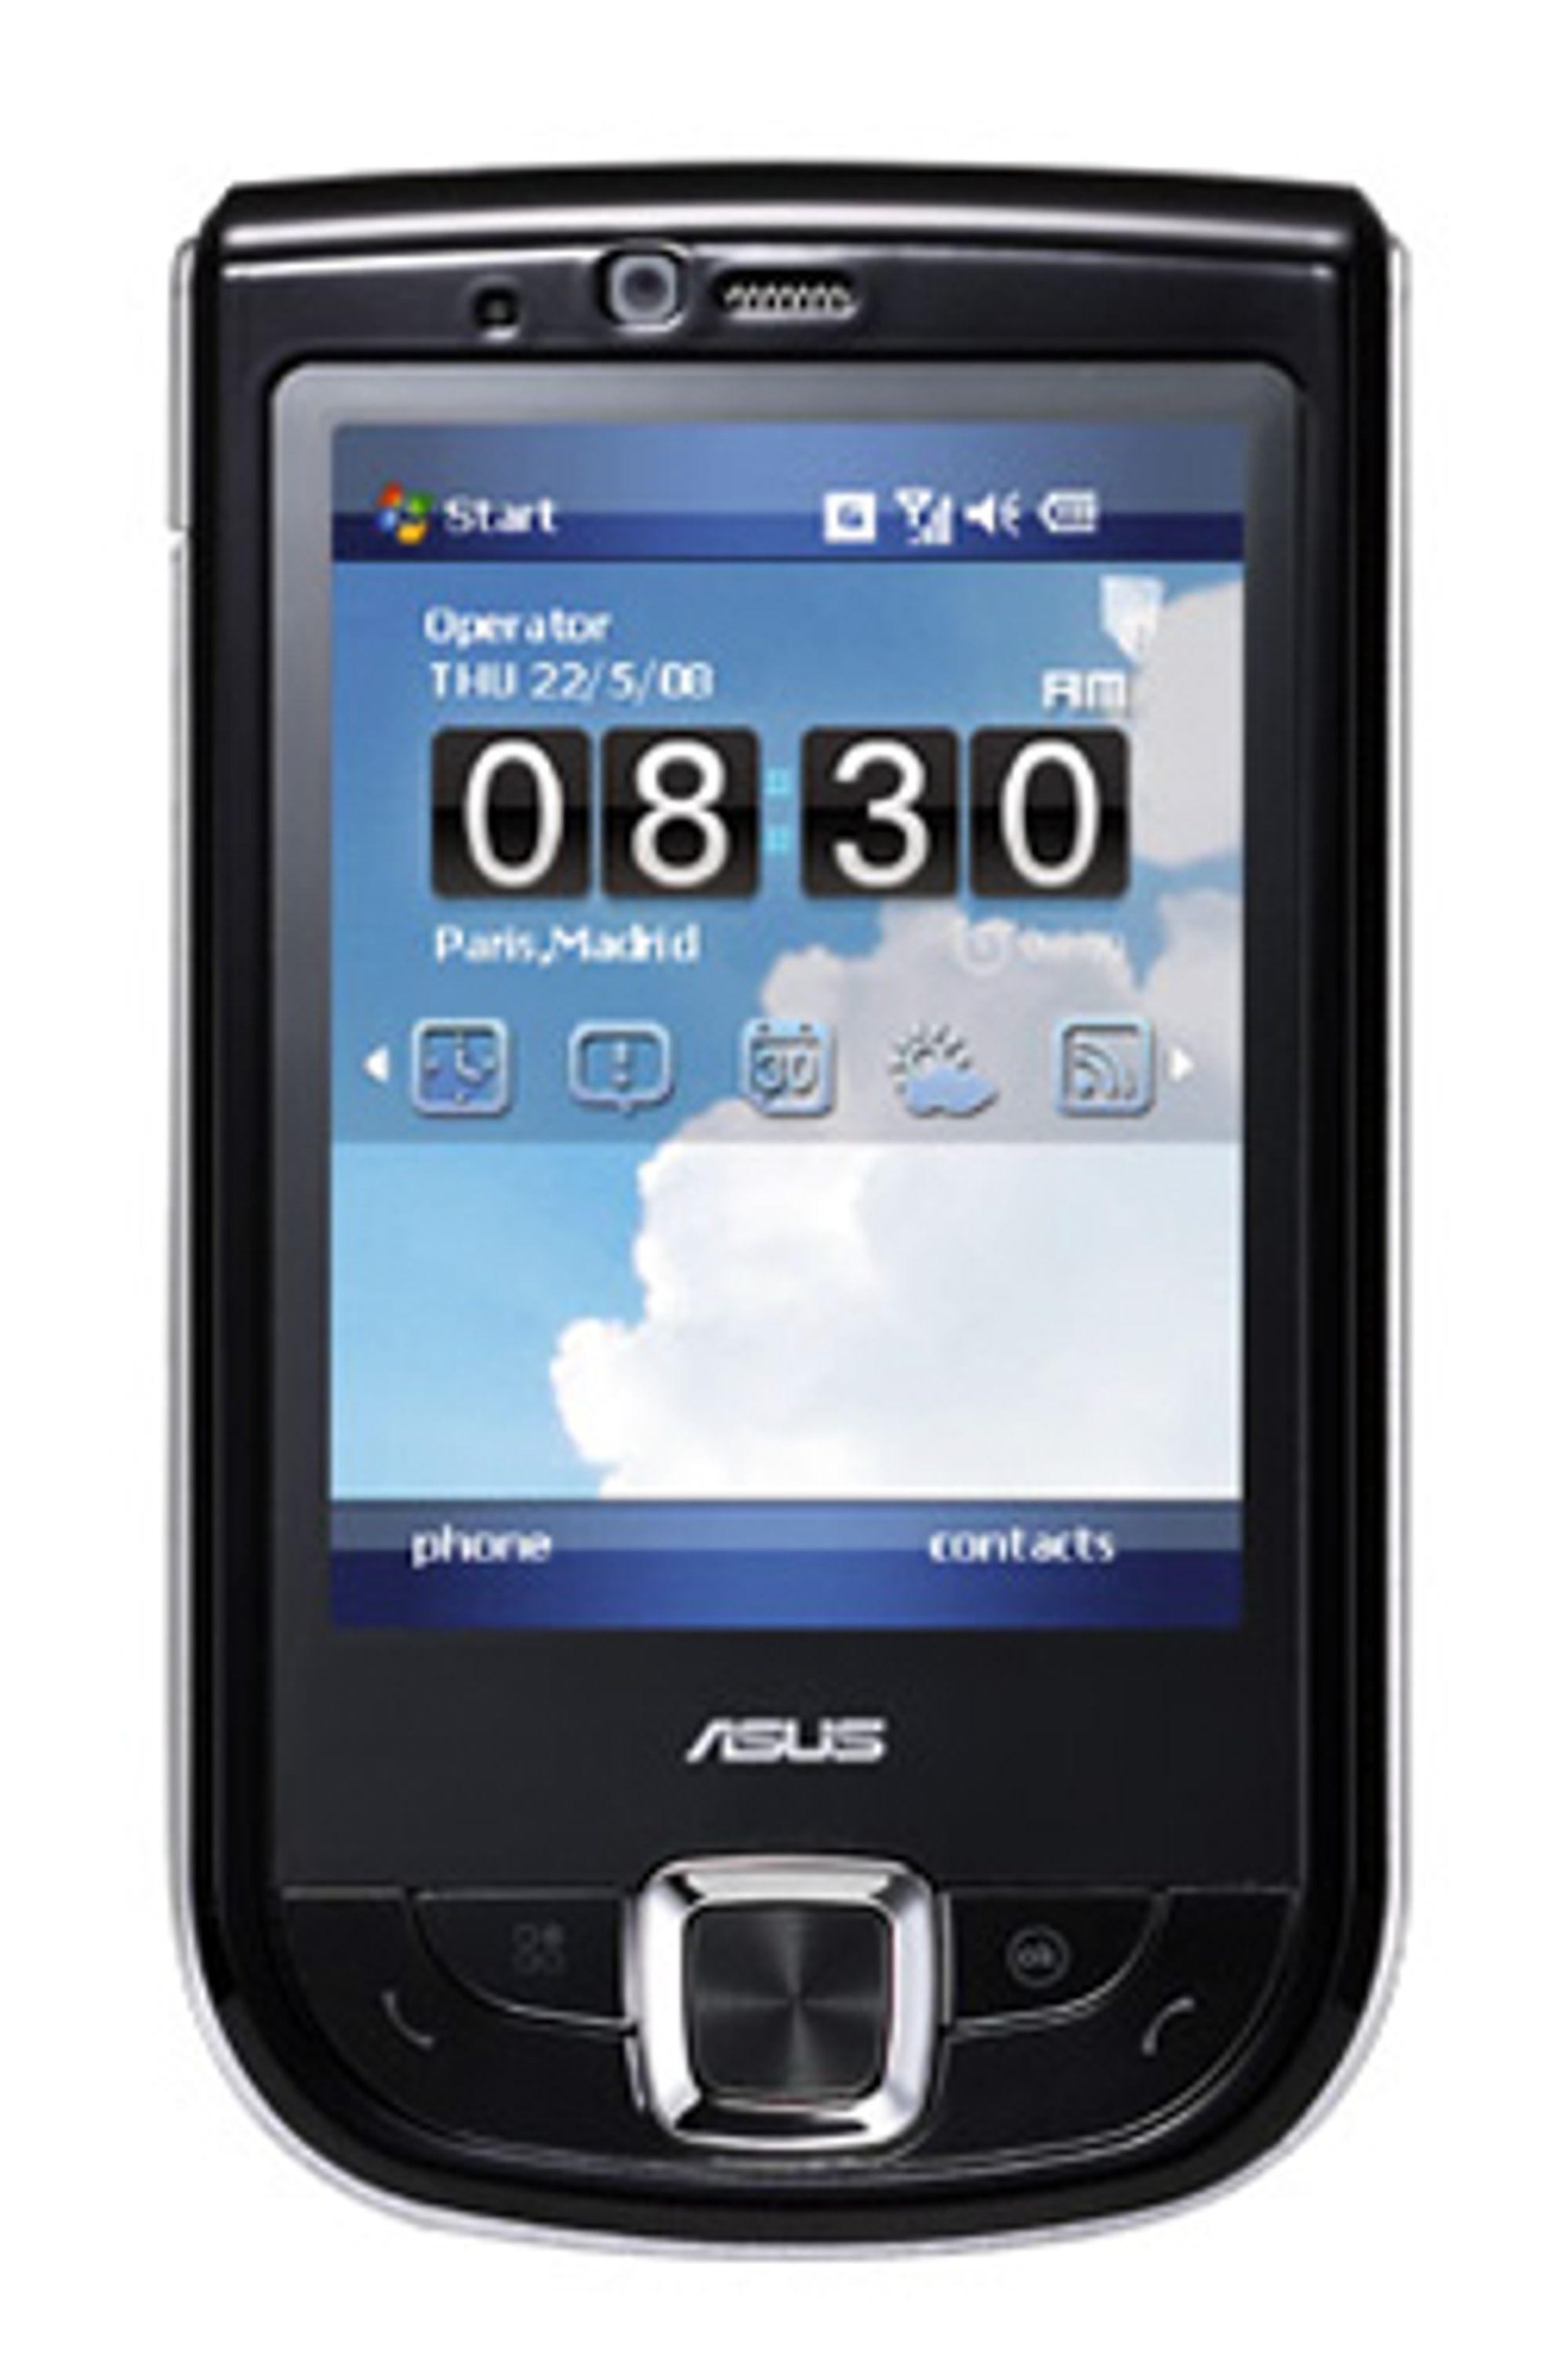 Asus P565 er en Windows-mobil med 800 MHz prosessor.